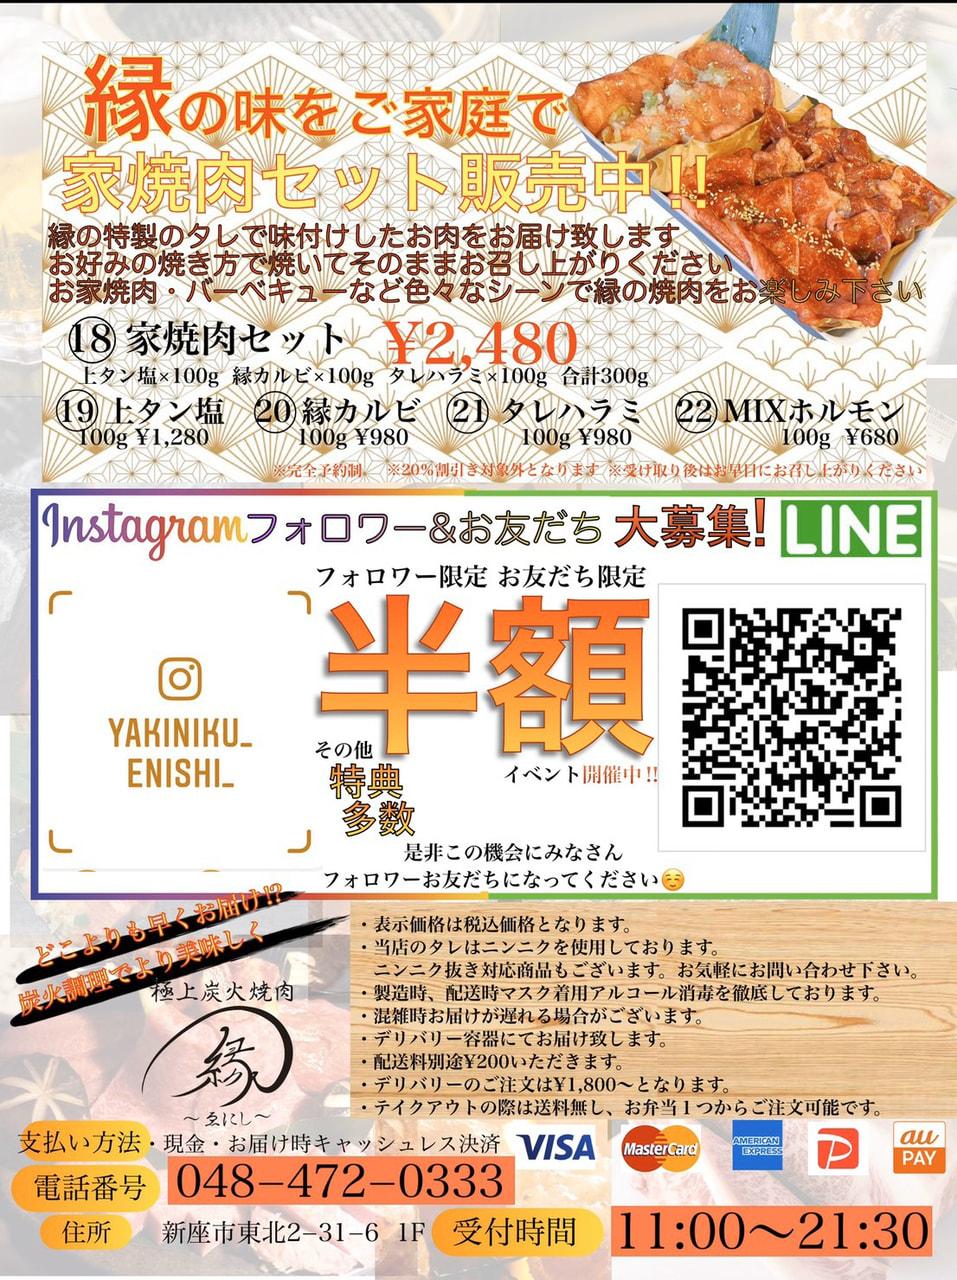 極上炭火焼肉 縁(えにし)(志木市新座市)のテイクアウトできるお弁当